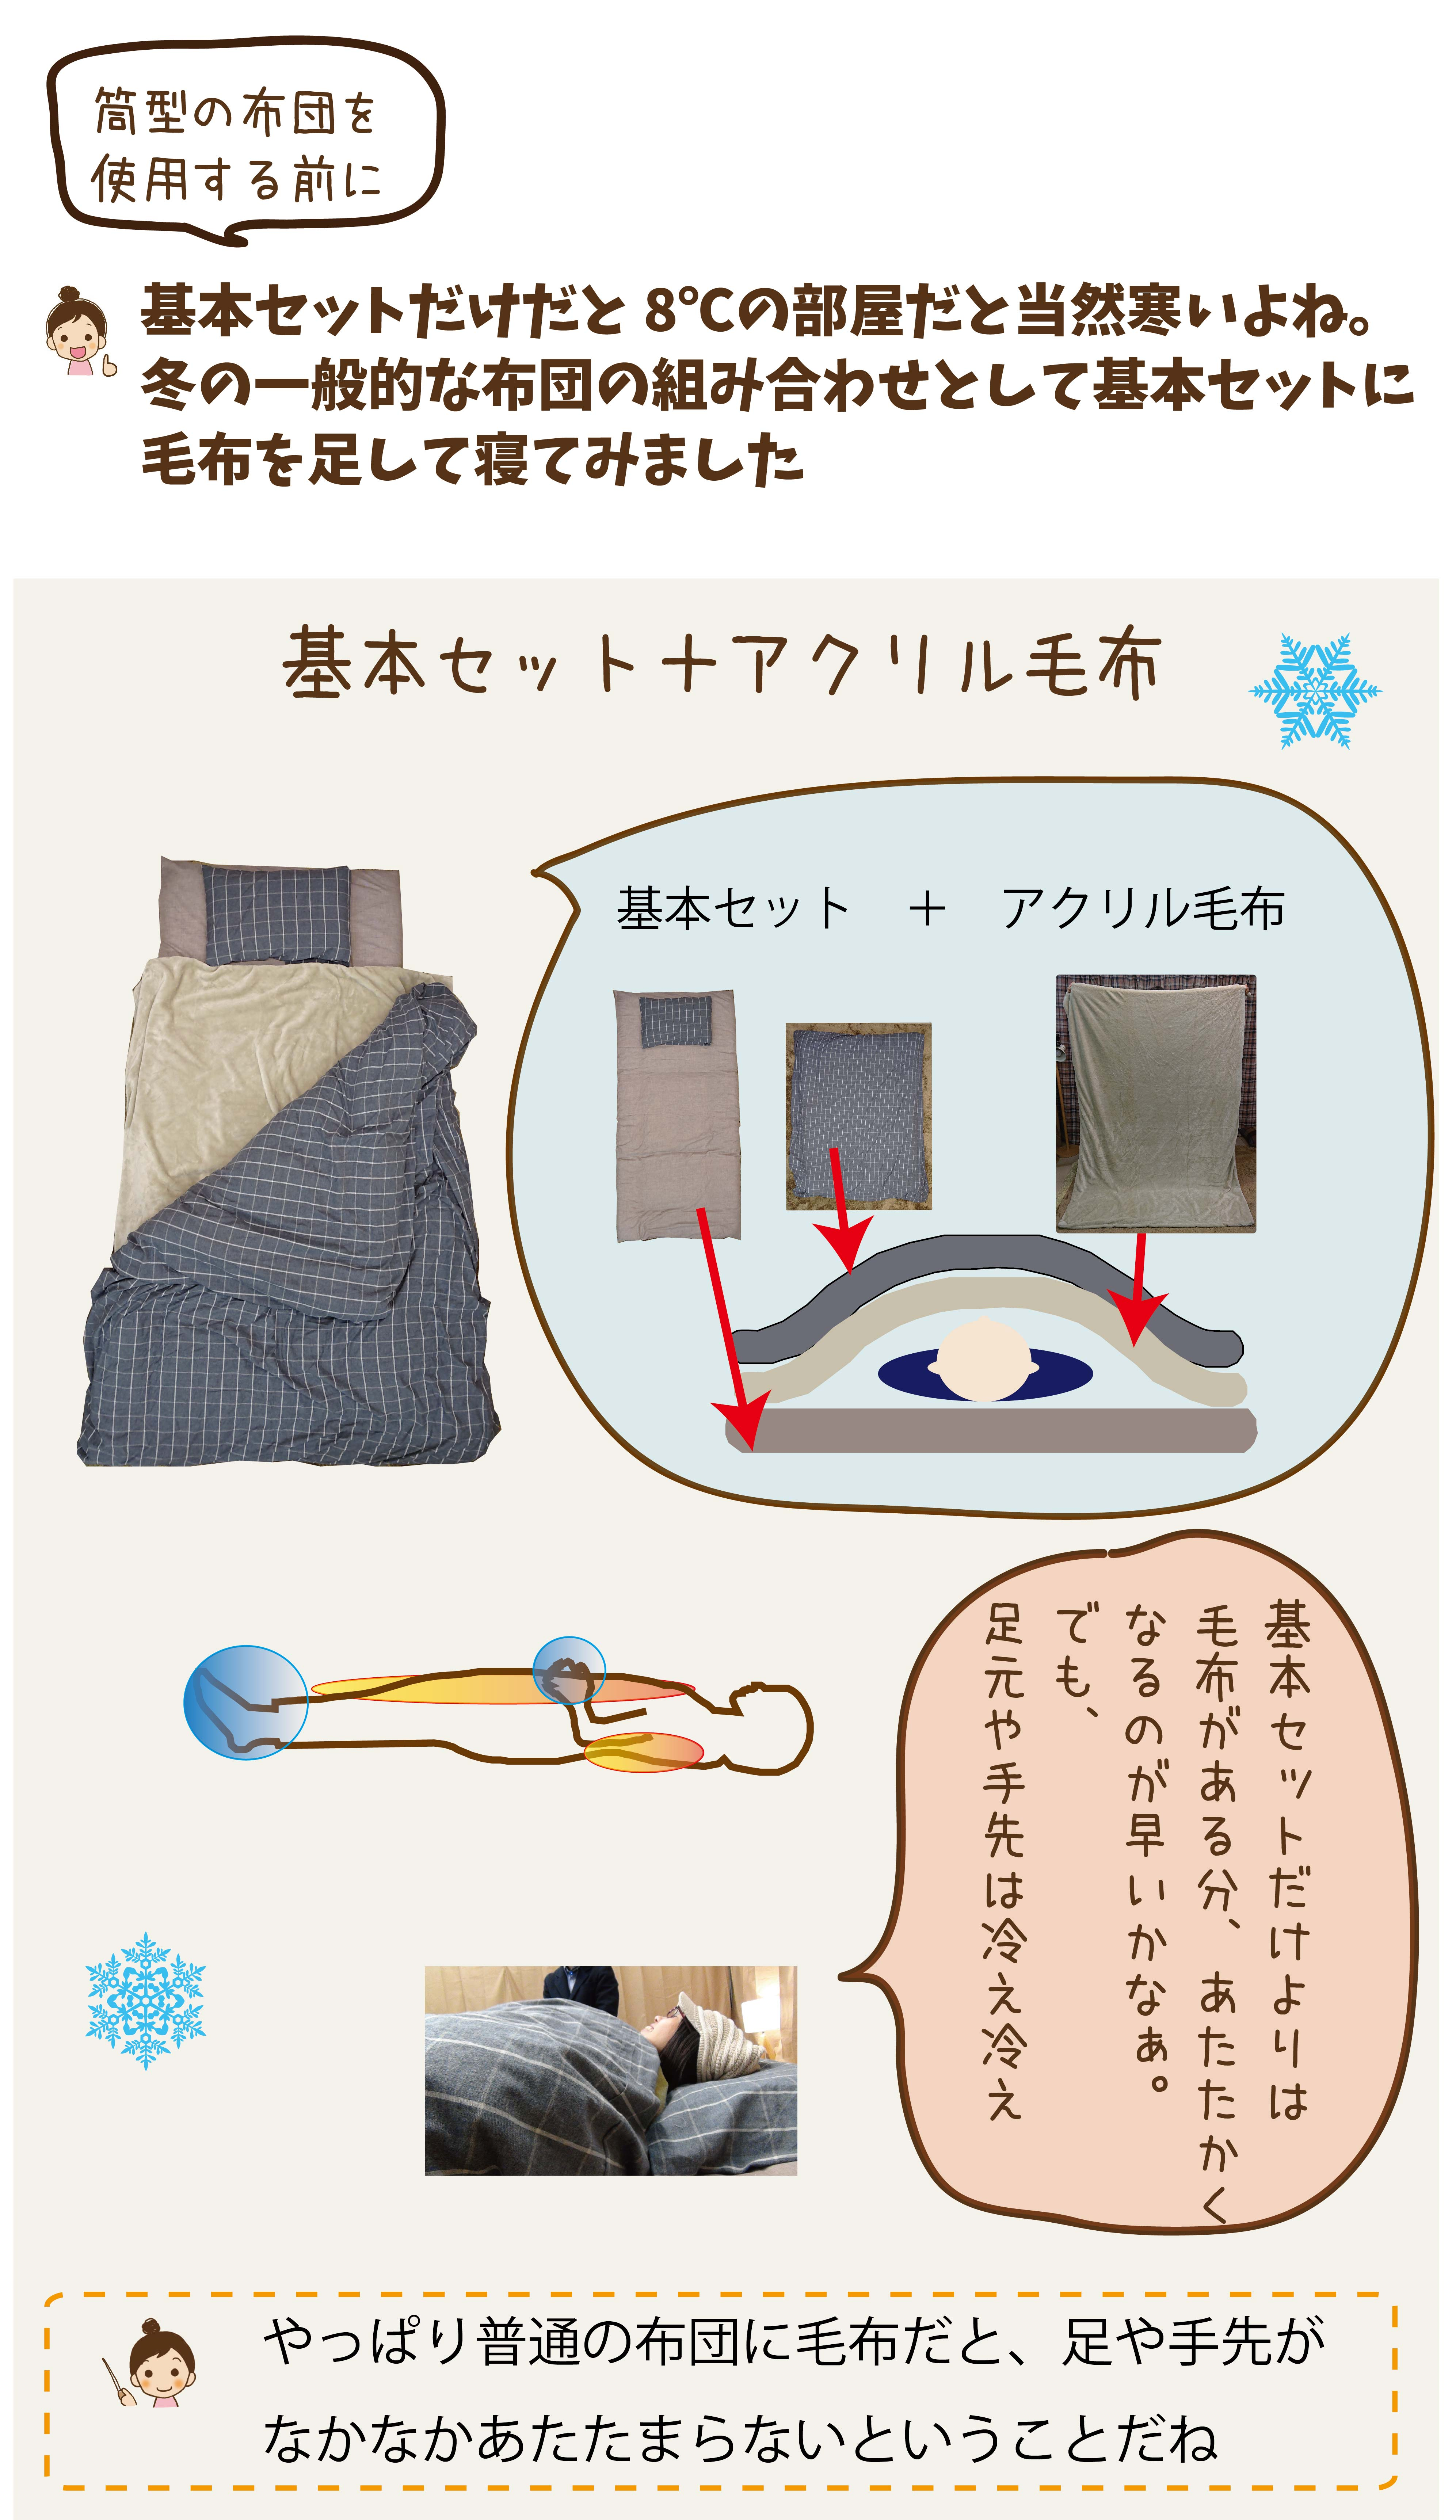 筒型布団を使用する前に基本セット+毛布で8℃の部屋で寝てみました。